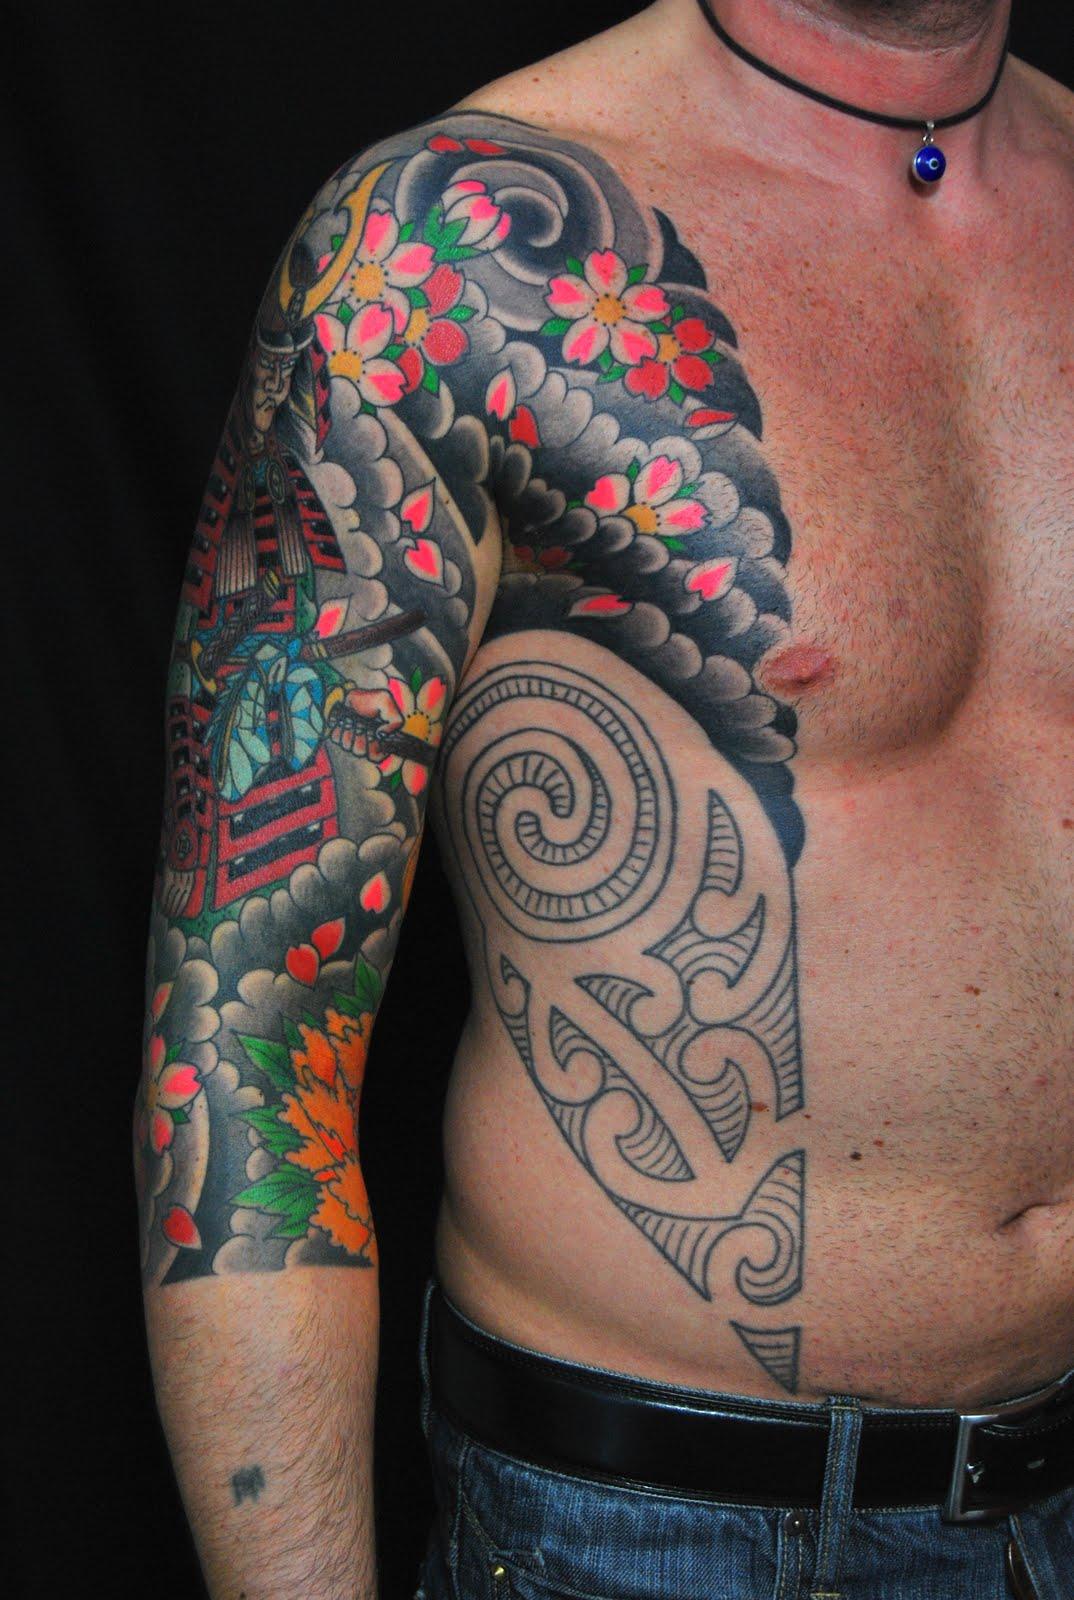 http://3.bp.blogspot.com/_KgO34Ti3h60/S6zZObDbv4I/AAAAAAAAA84/j_bMOkDpSKA/s1600/DSC_0523.JPG